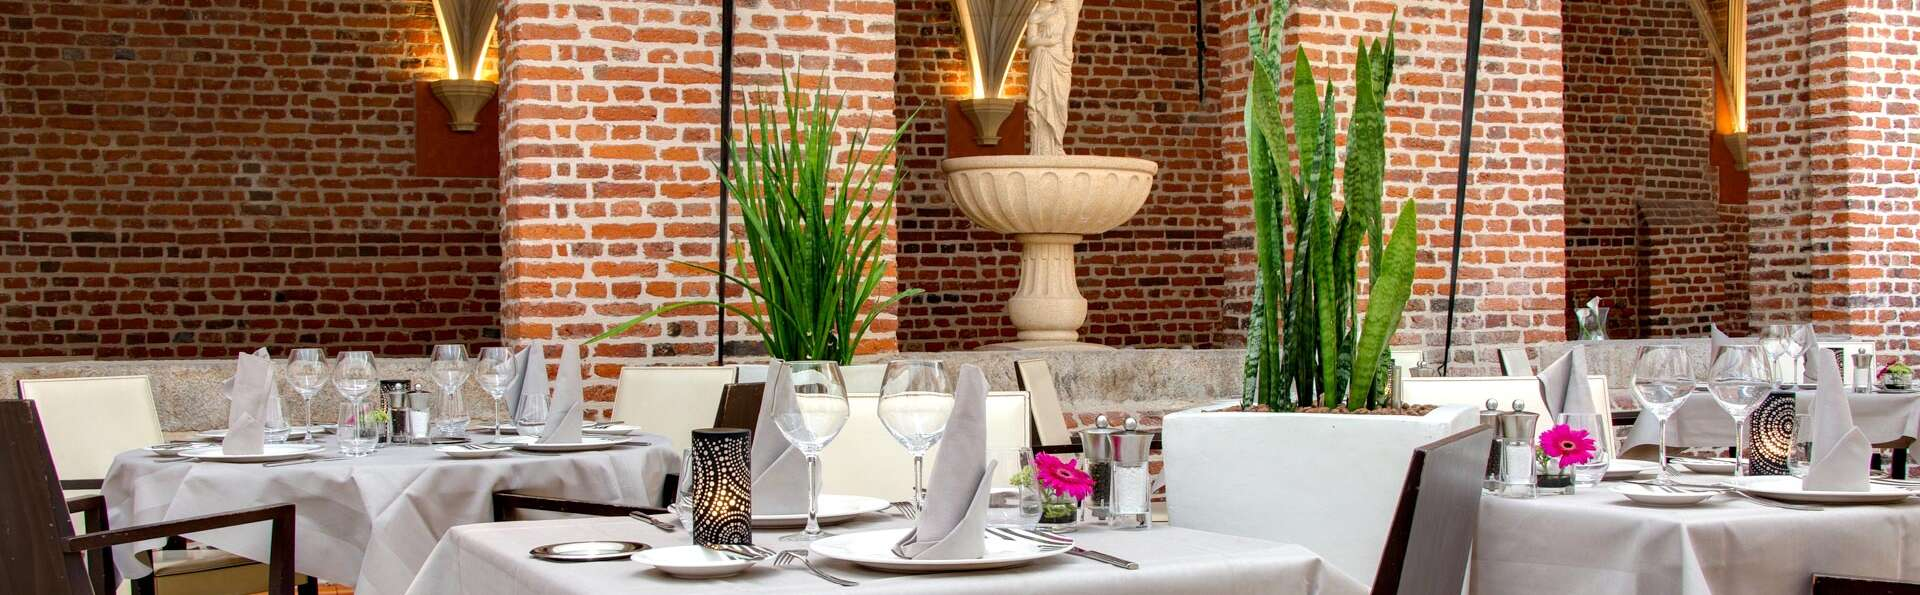 Séjour avec dîner dans un cadre majestueux sous la verrière d'un ancien couvent à Lille